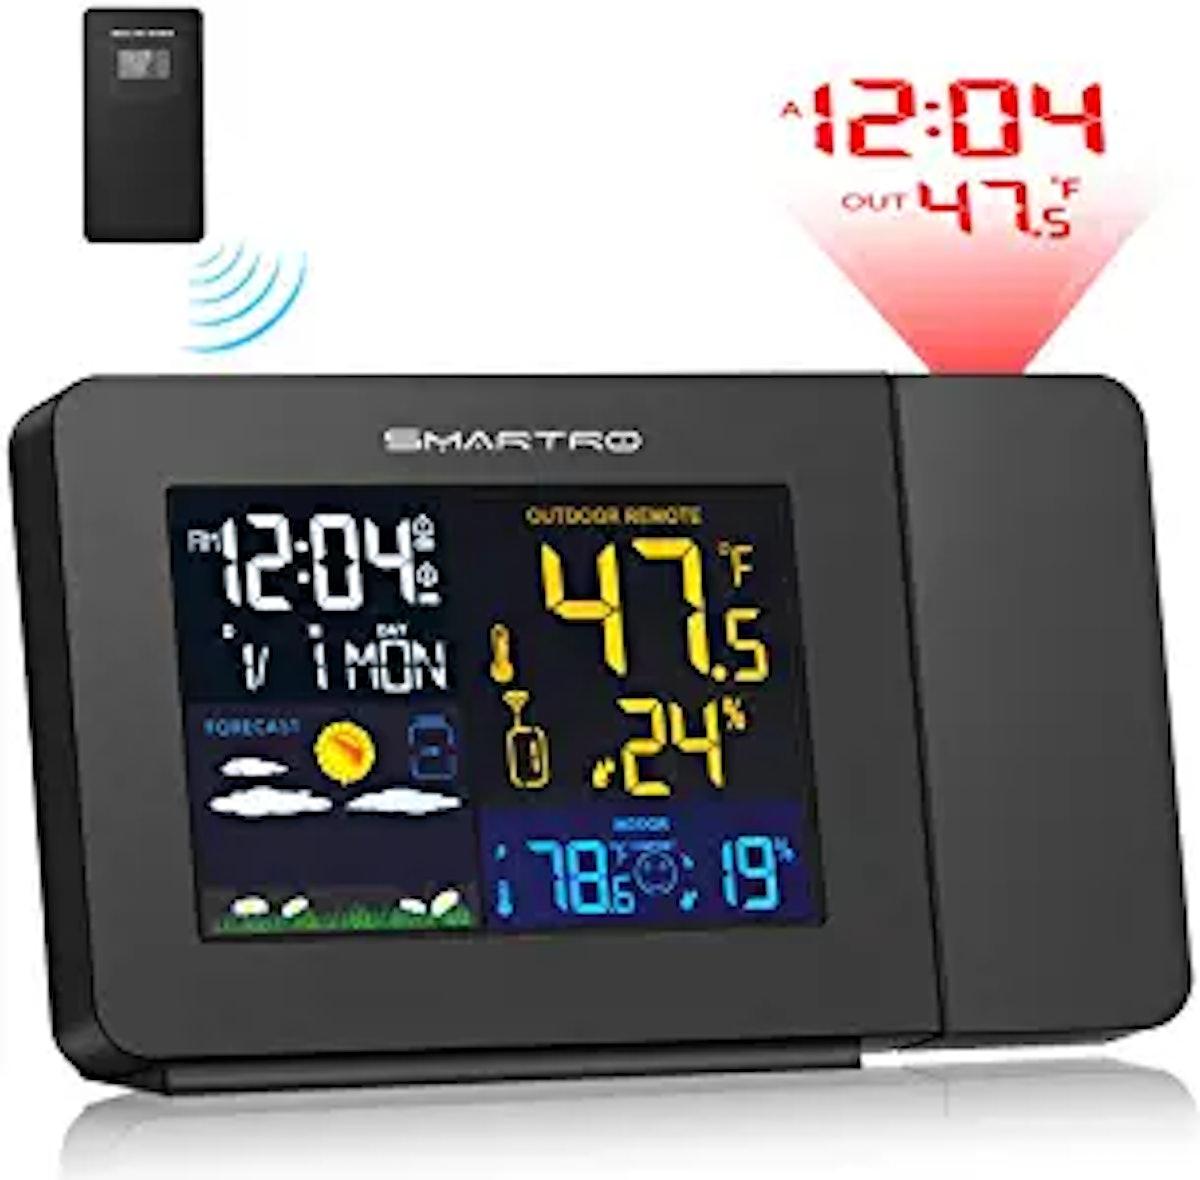 SMARTRO Projection Alarm Clock